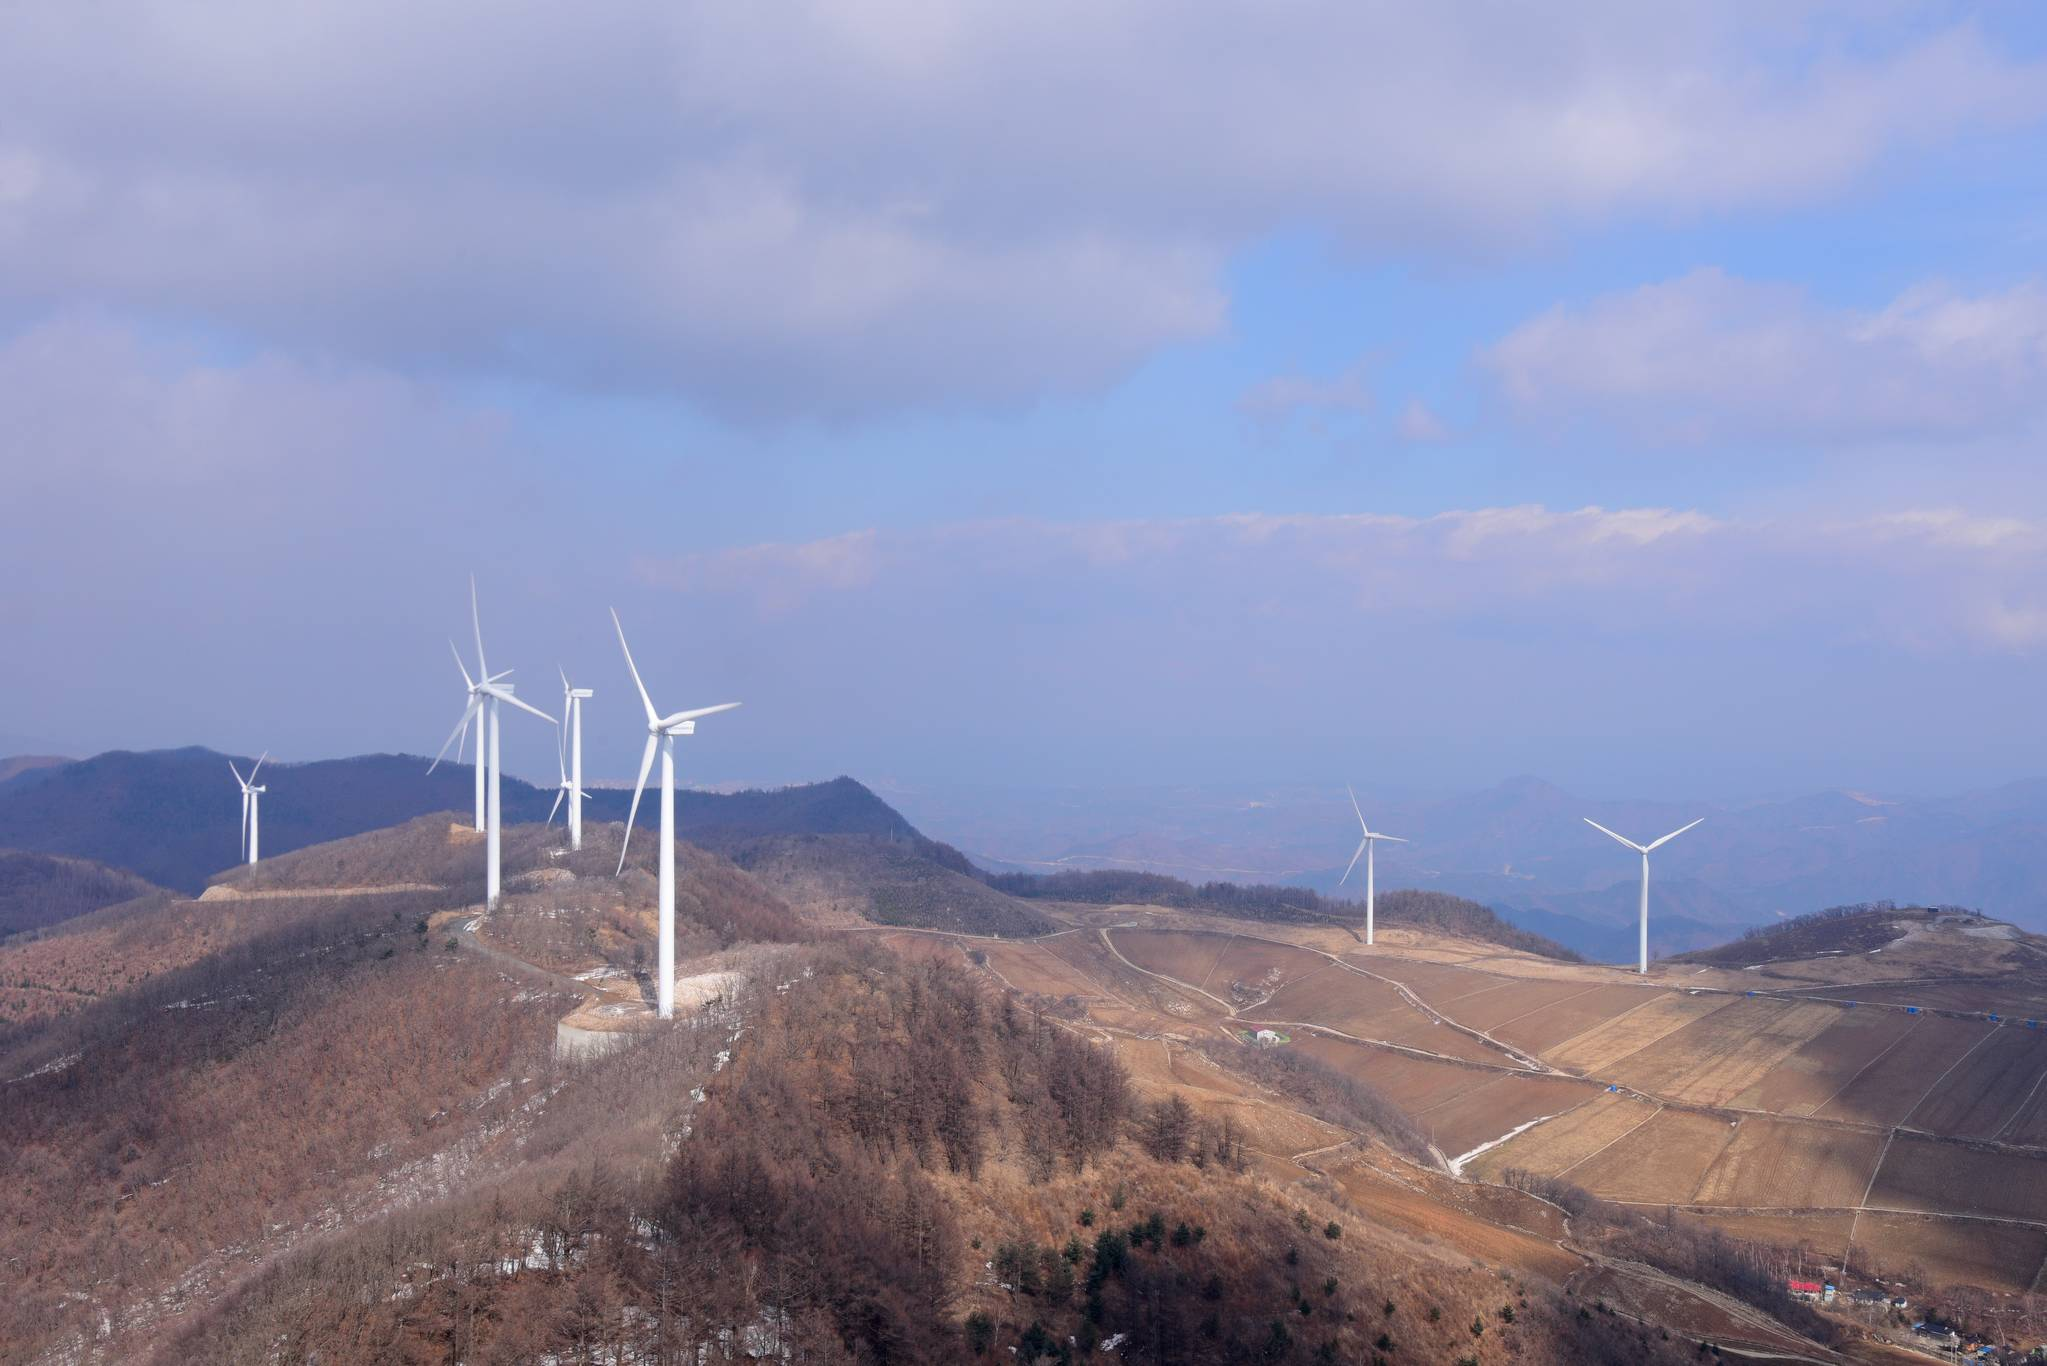 강원도 태백시 매봉산 주변 풍력발전단지 [사진 국립산림과학원]